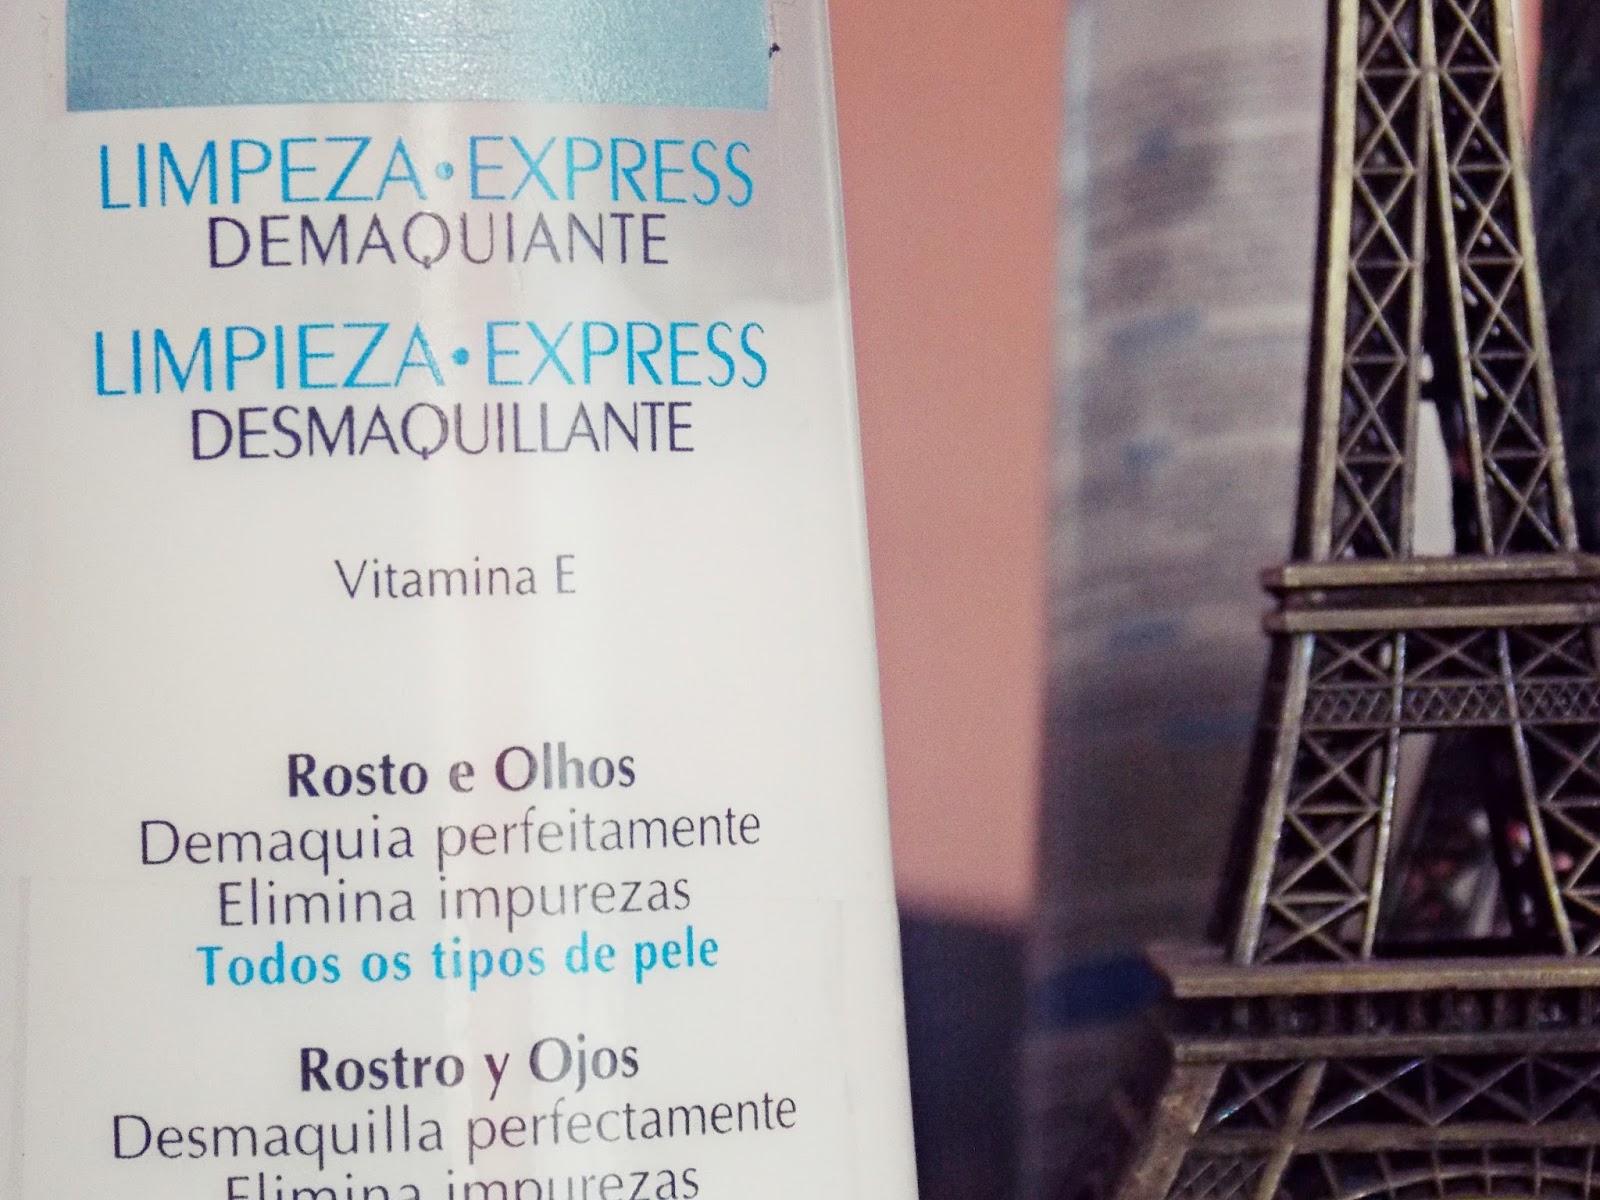 Produtos para limpeza de pele - Demaquilante Limpeza Express L'OREAL